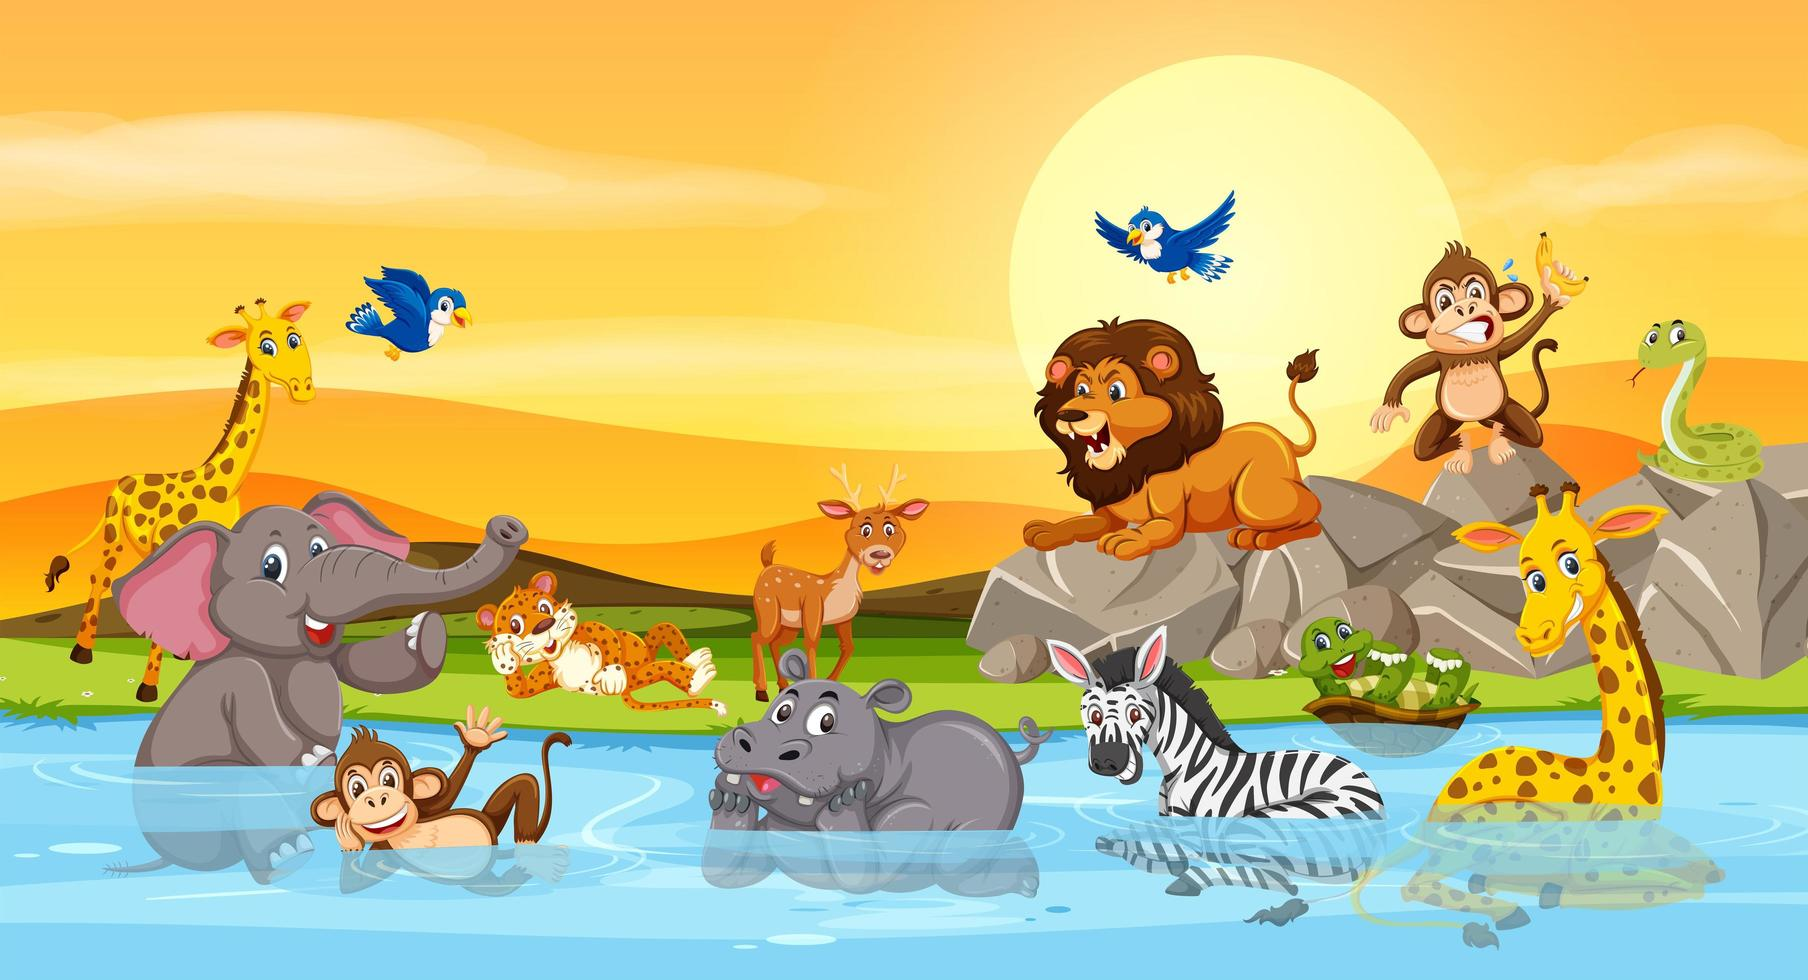 Wilde Tiere am Flusssonnenuntergang vektor